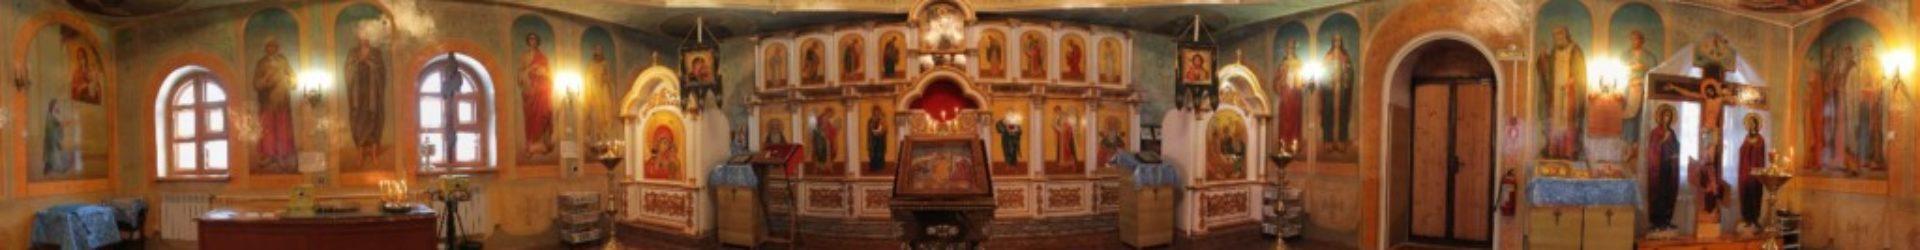 Крестовоздвиженский храм г. Бакал